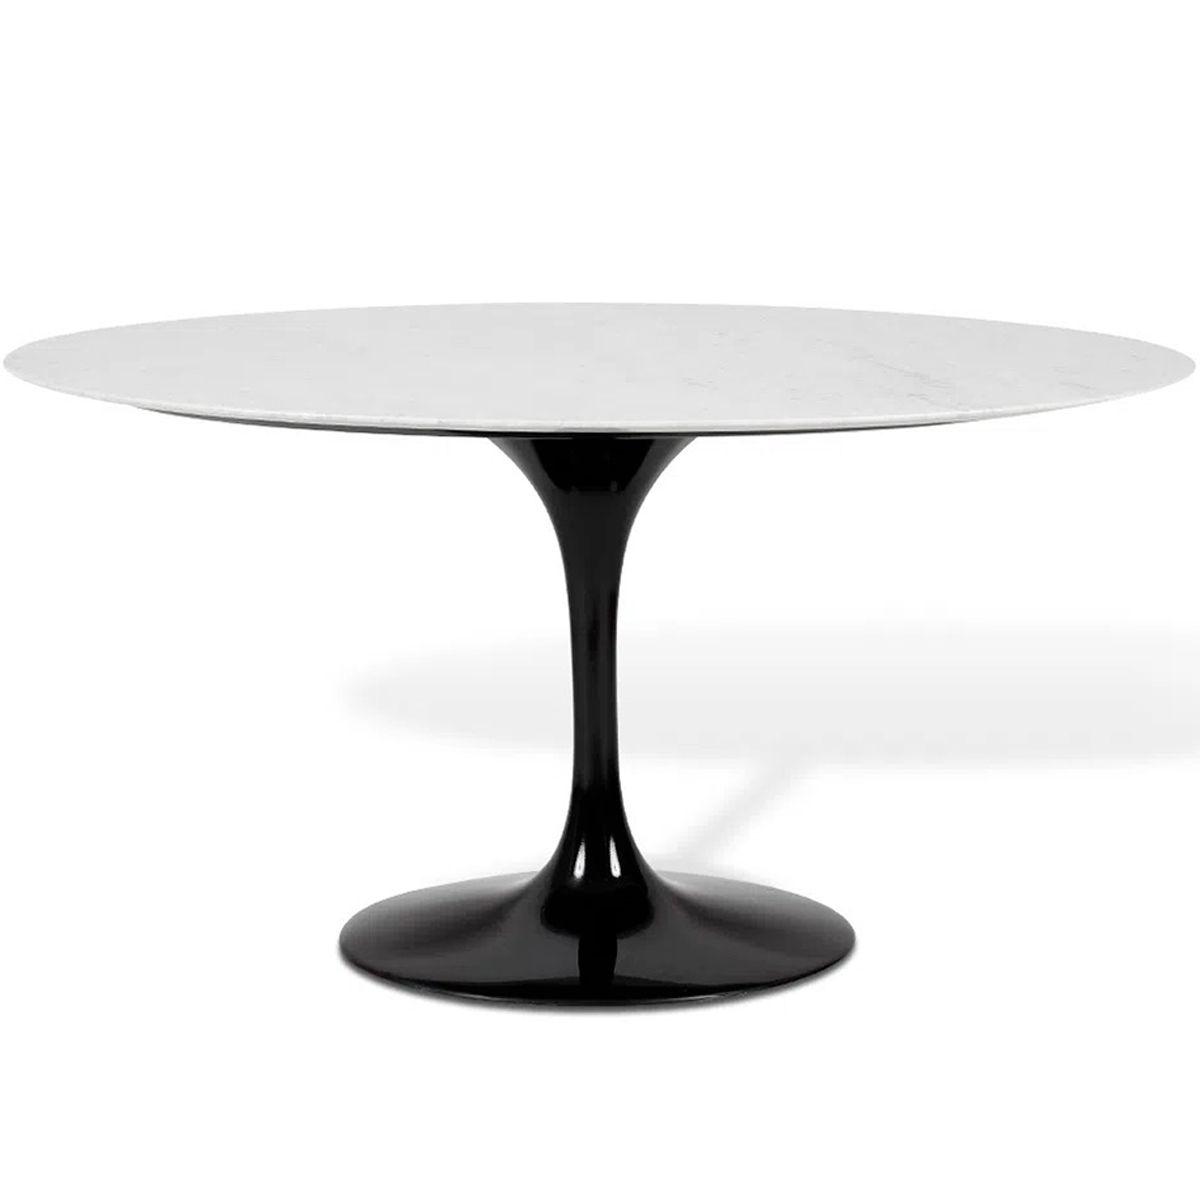 Mesa de Jantar Oval Saarinen Base Preta em Aluminio com Tampo de 120 x 80 cm